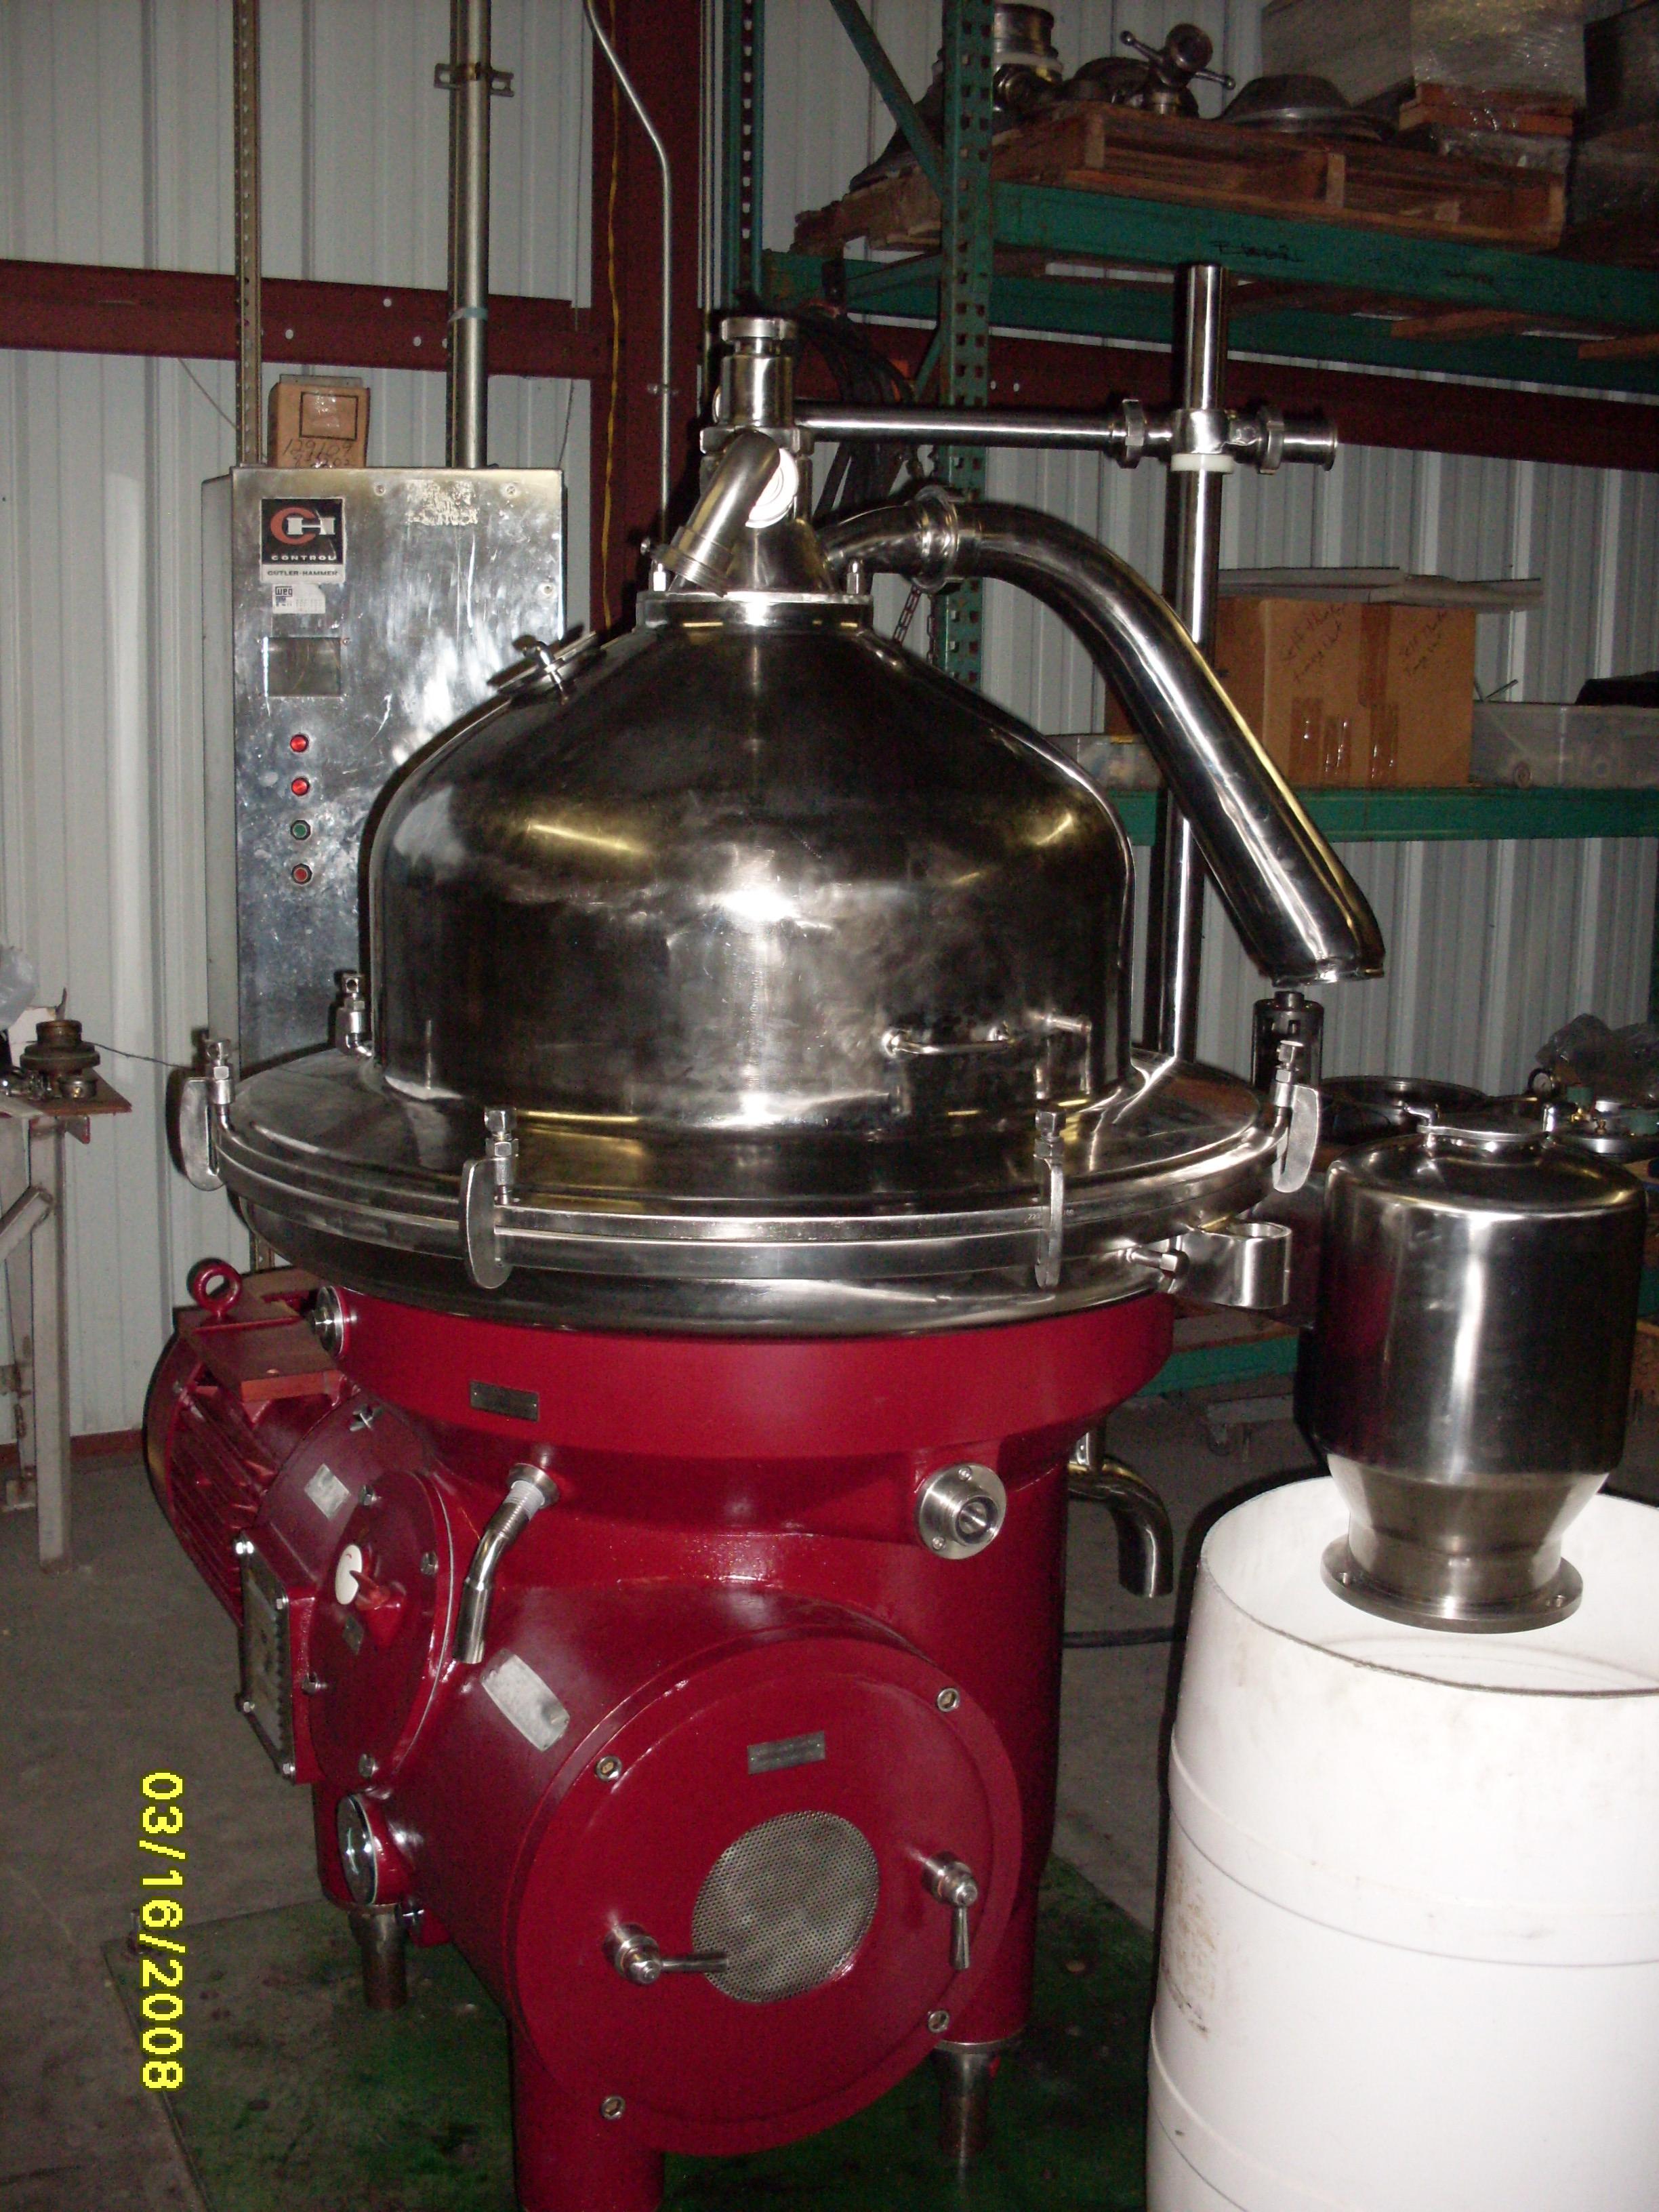 Westfalia RSA150-01 refining separator centrifuge